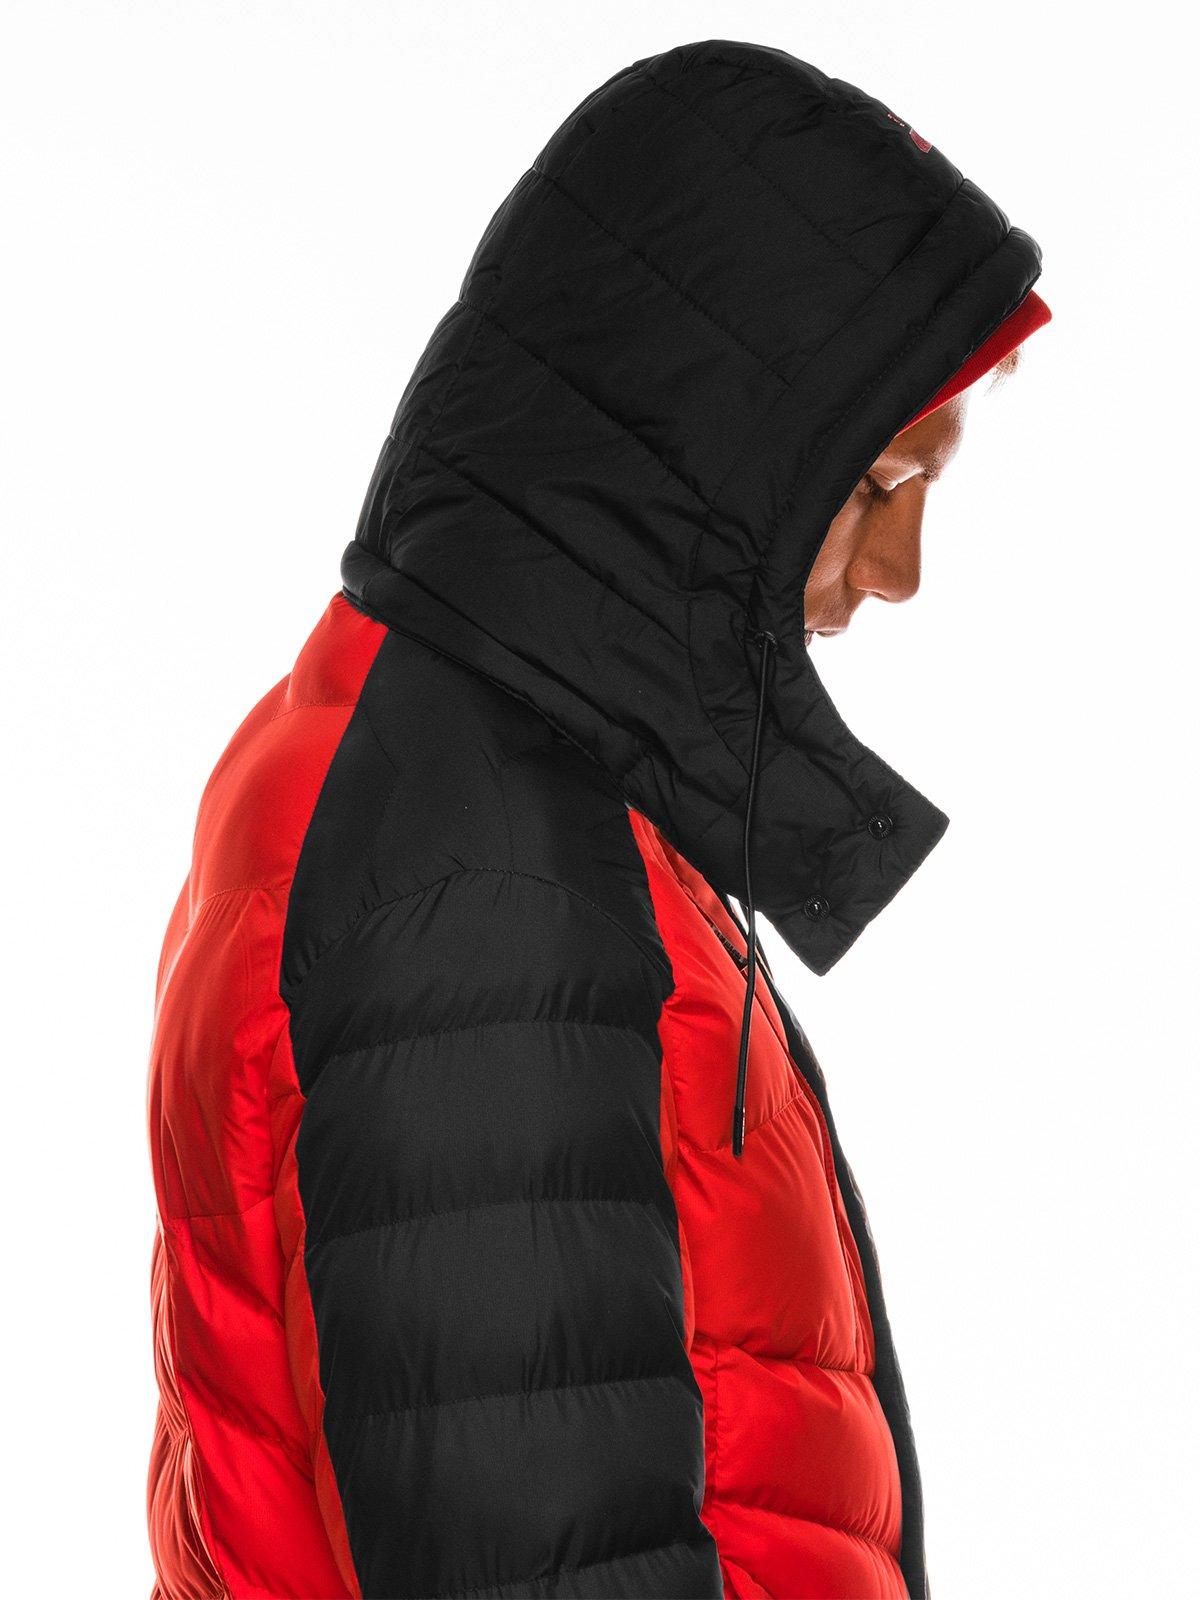 Купить со скидкой Чоловіча зимова куртка C417 - червона